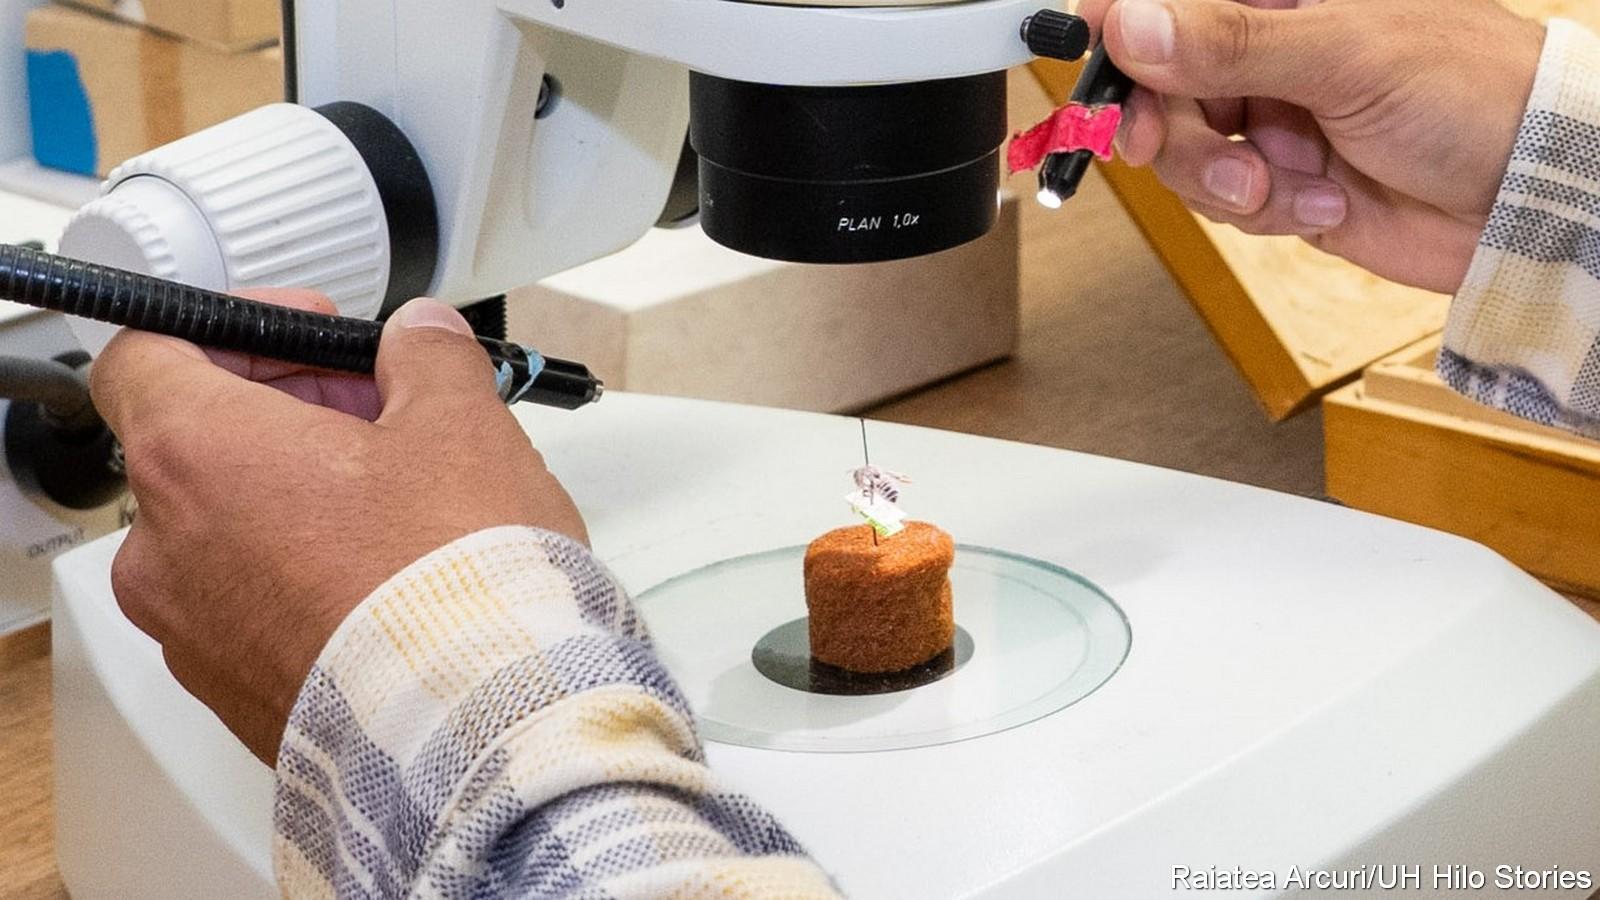 Examining bee specimen under microscope.